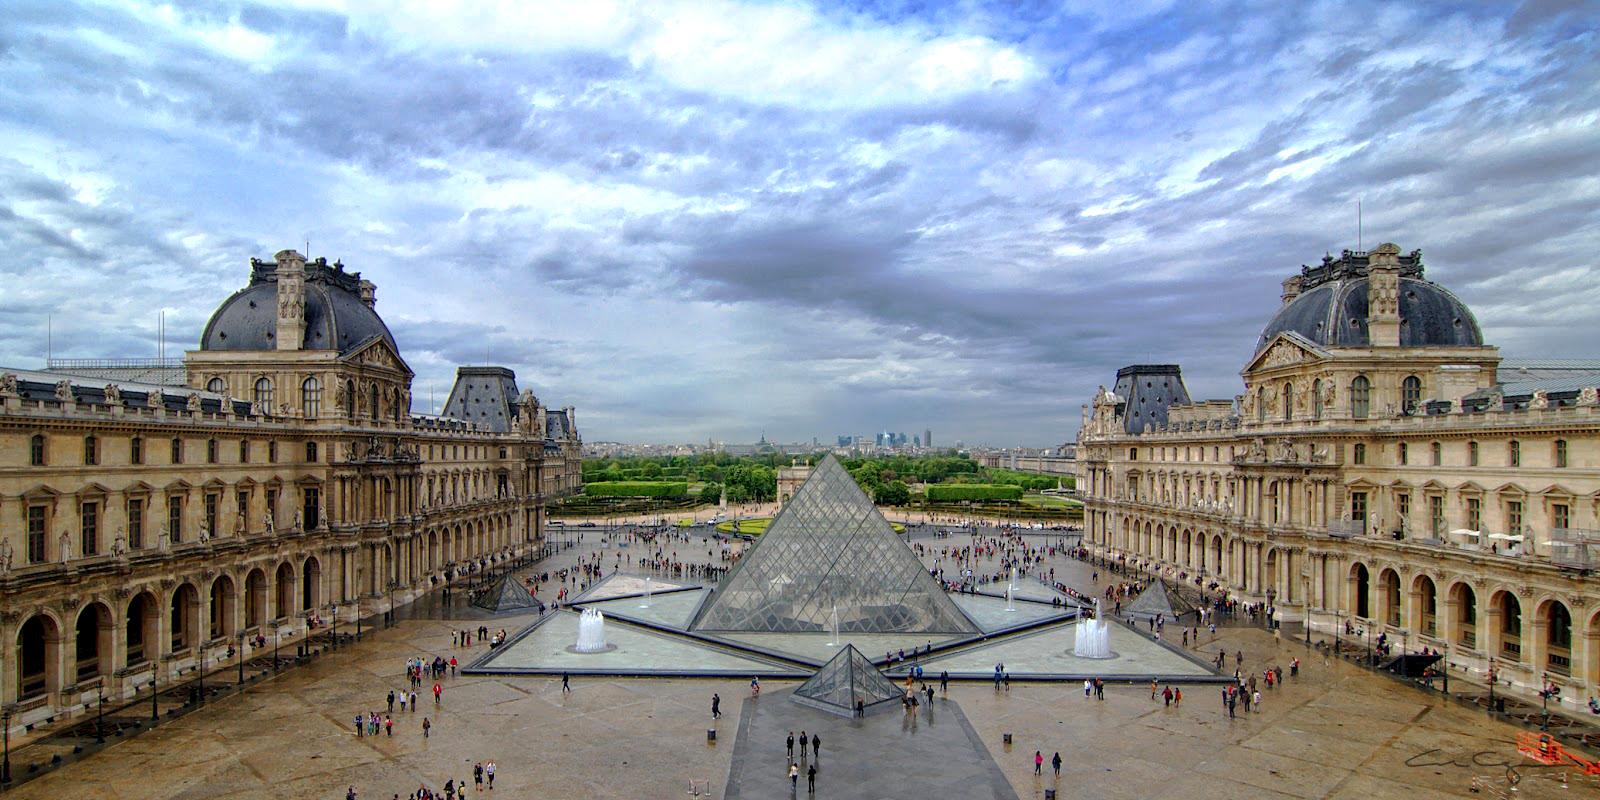 Лувр (париж) - подробная информация о музее